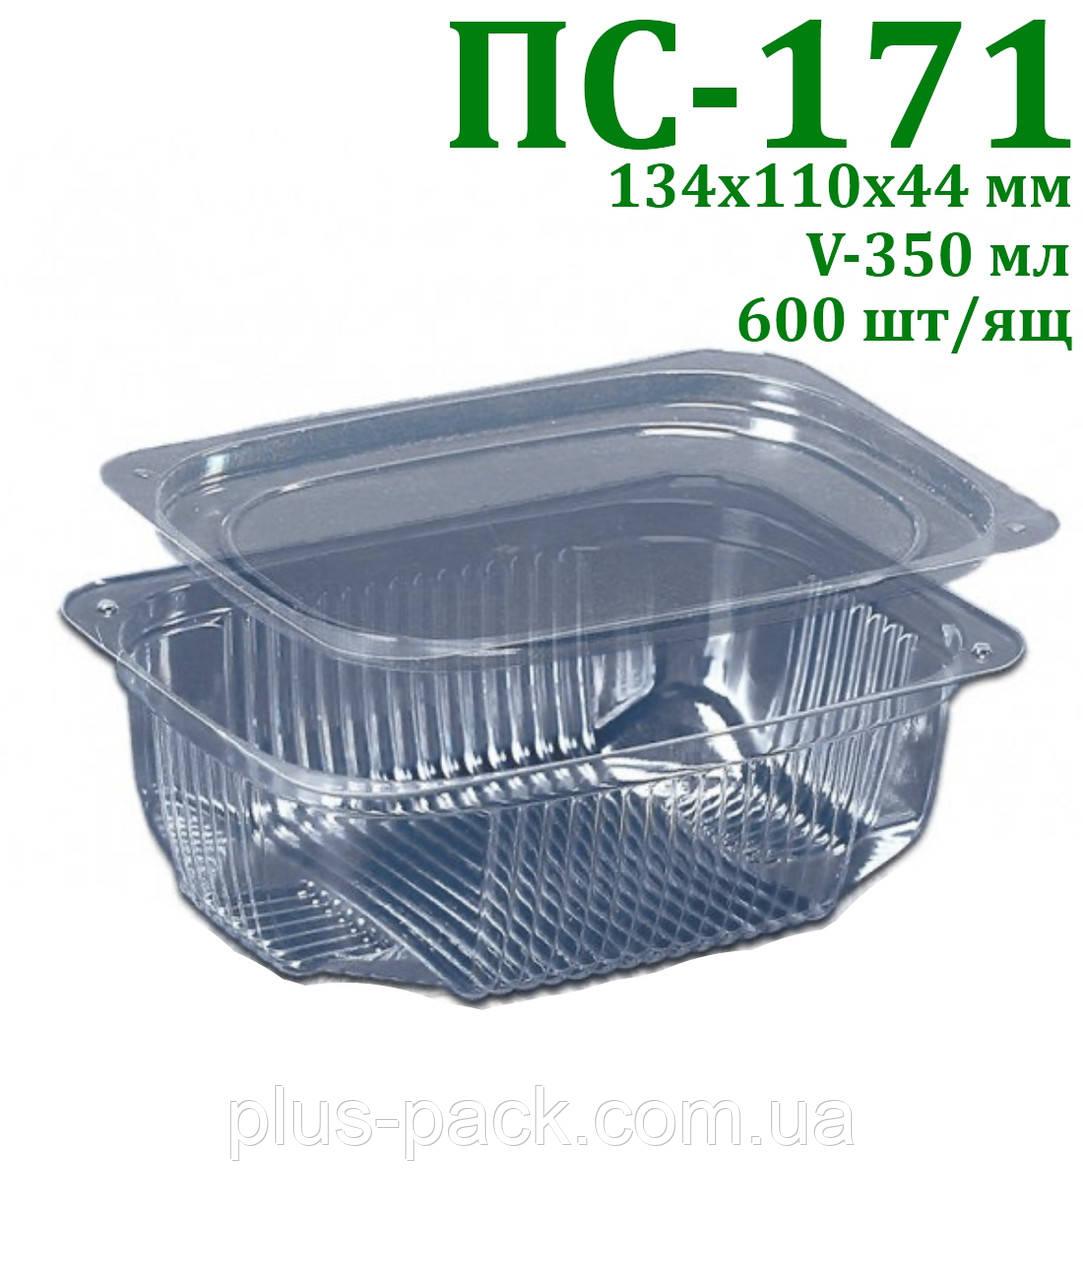 Упаковка пластиковая для салатов и полуфабрикатов (250 мл)